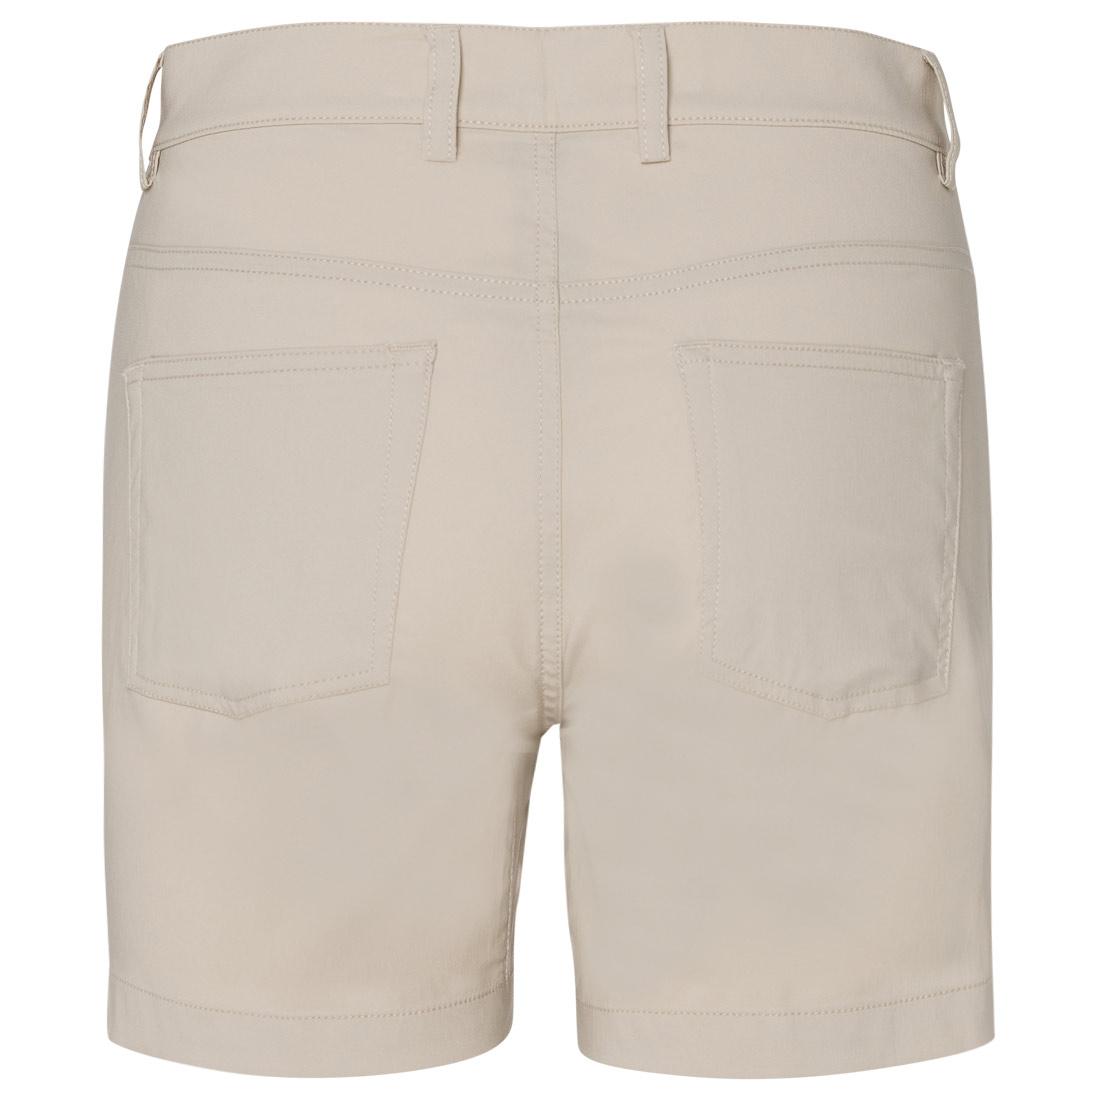 Damen Funktions-Shorts aus leichtem und elastischem Techno Stretch Material